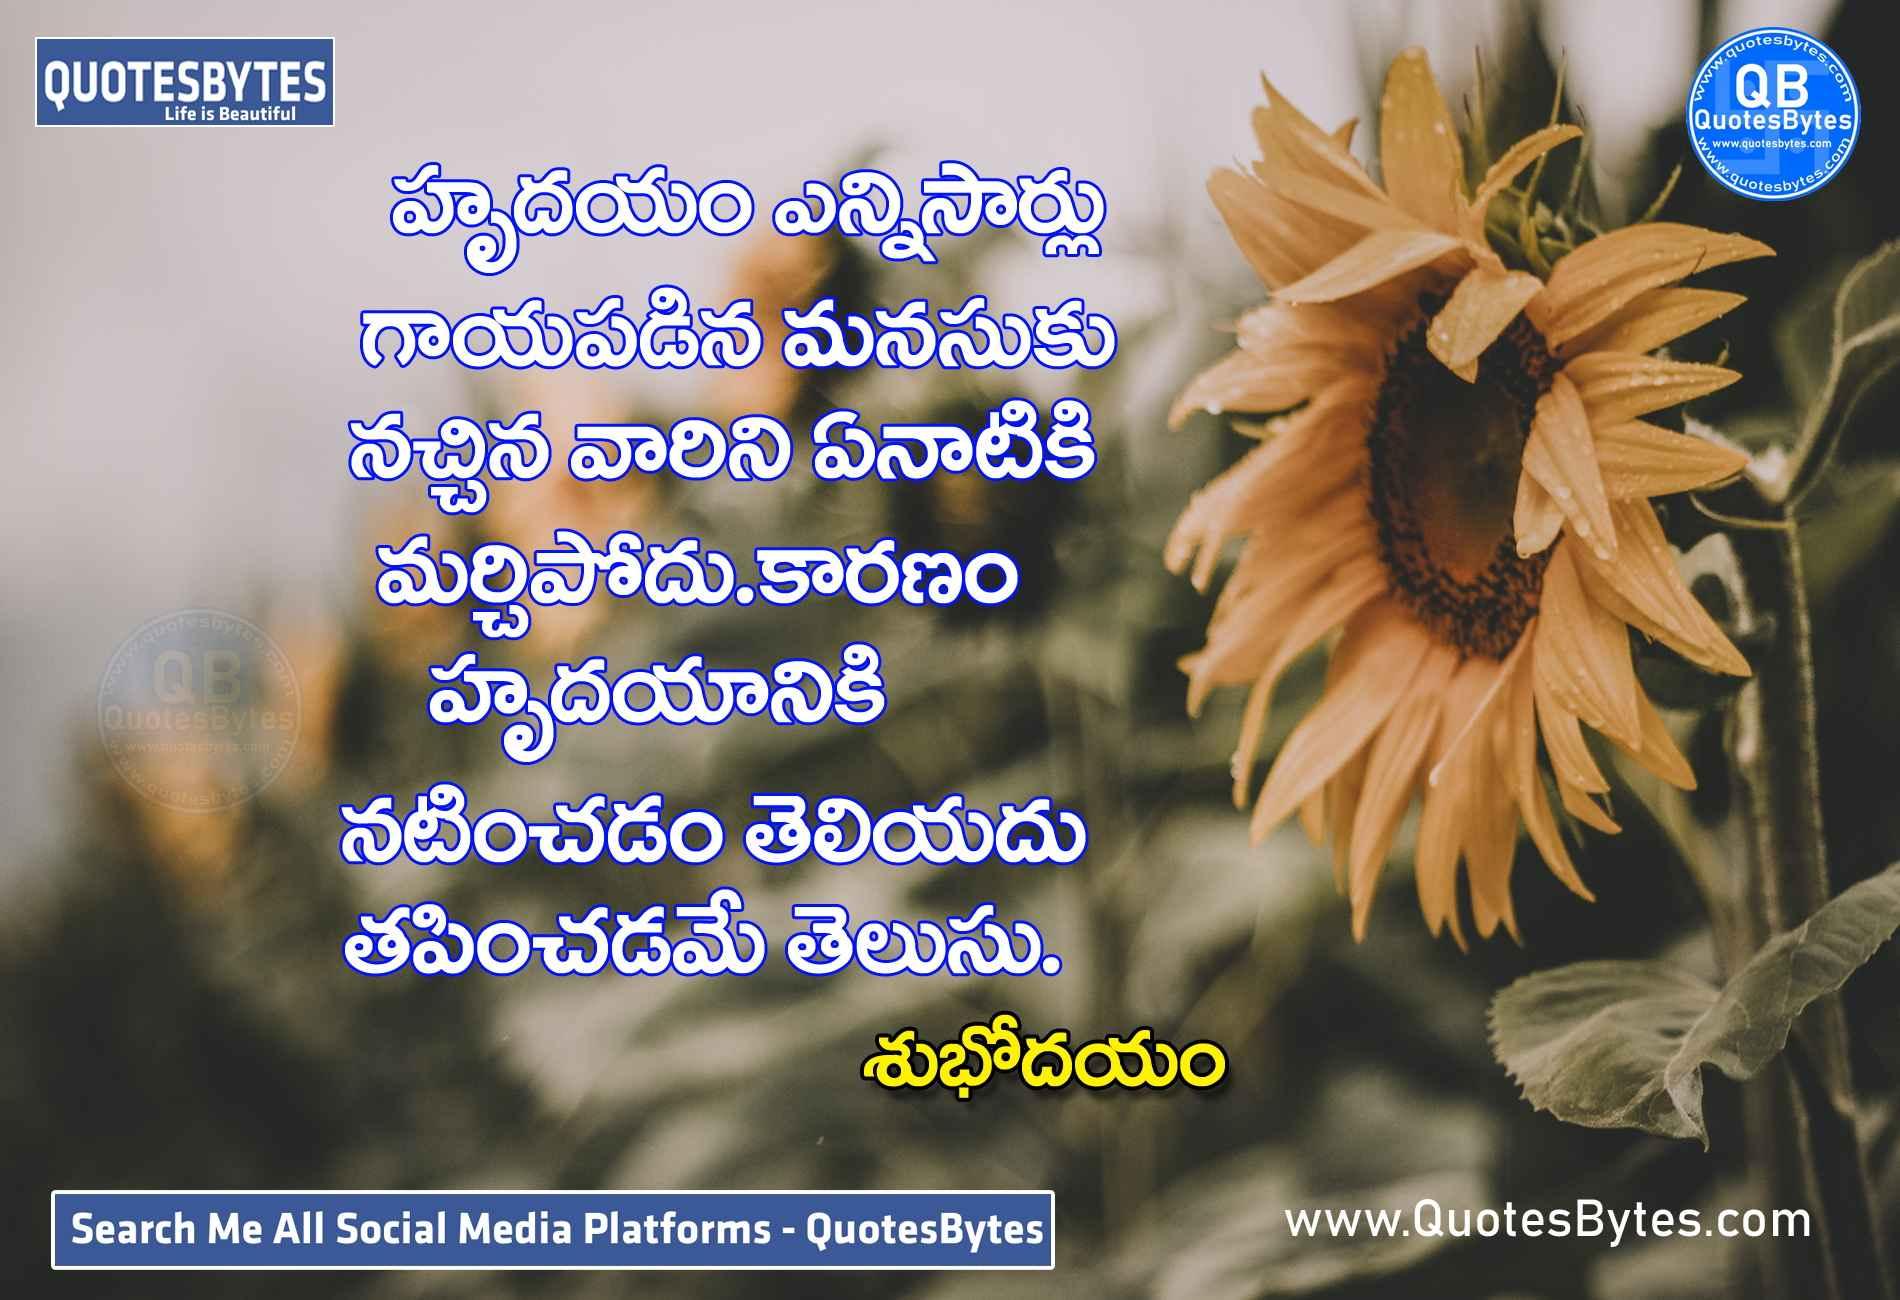 good morning images in telugu-telugu wishes images